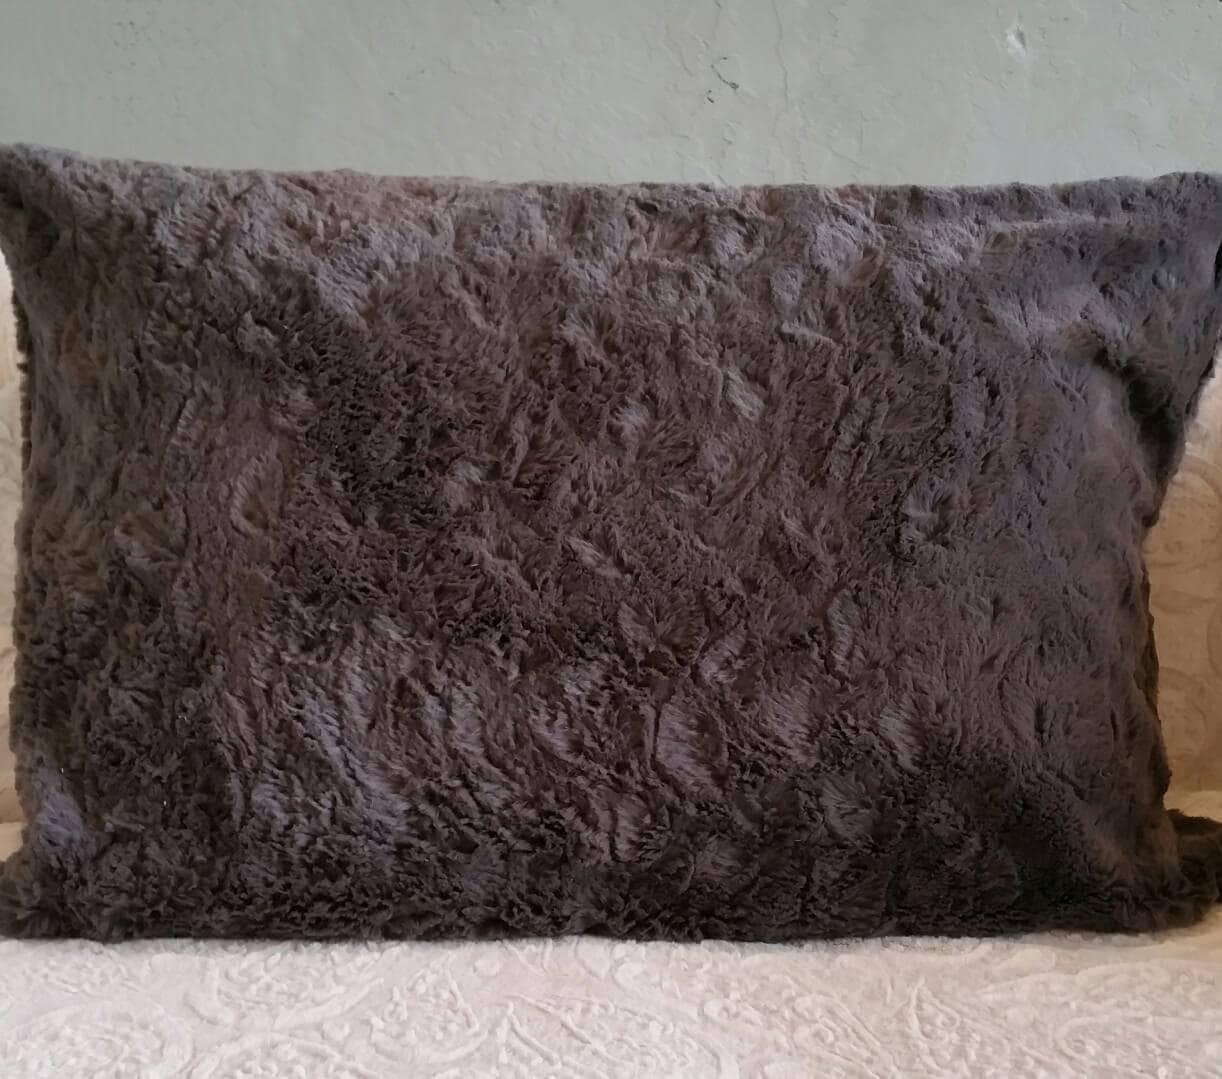 Dark Charcoal Grey Faux Fur Pillow Shams King Size